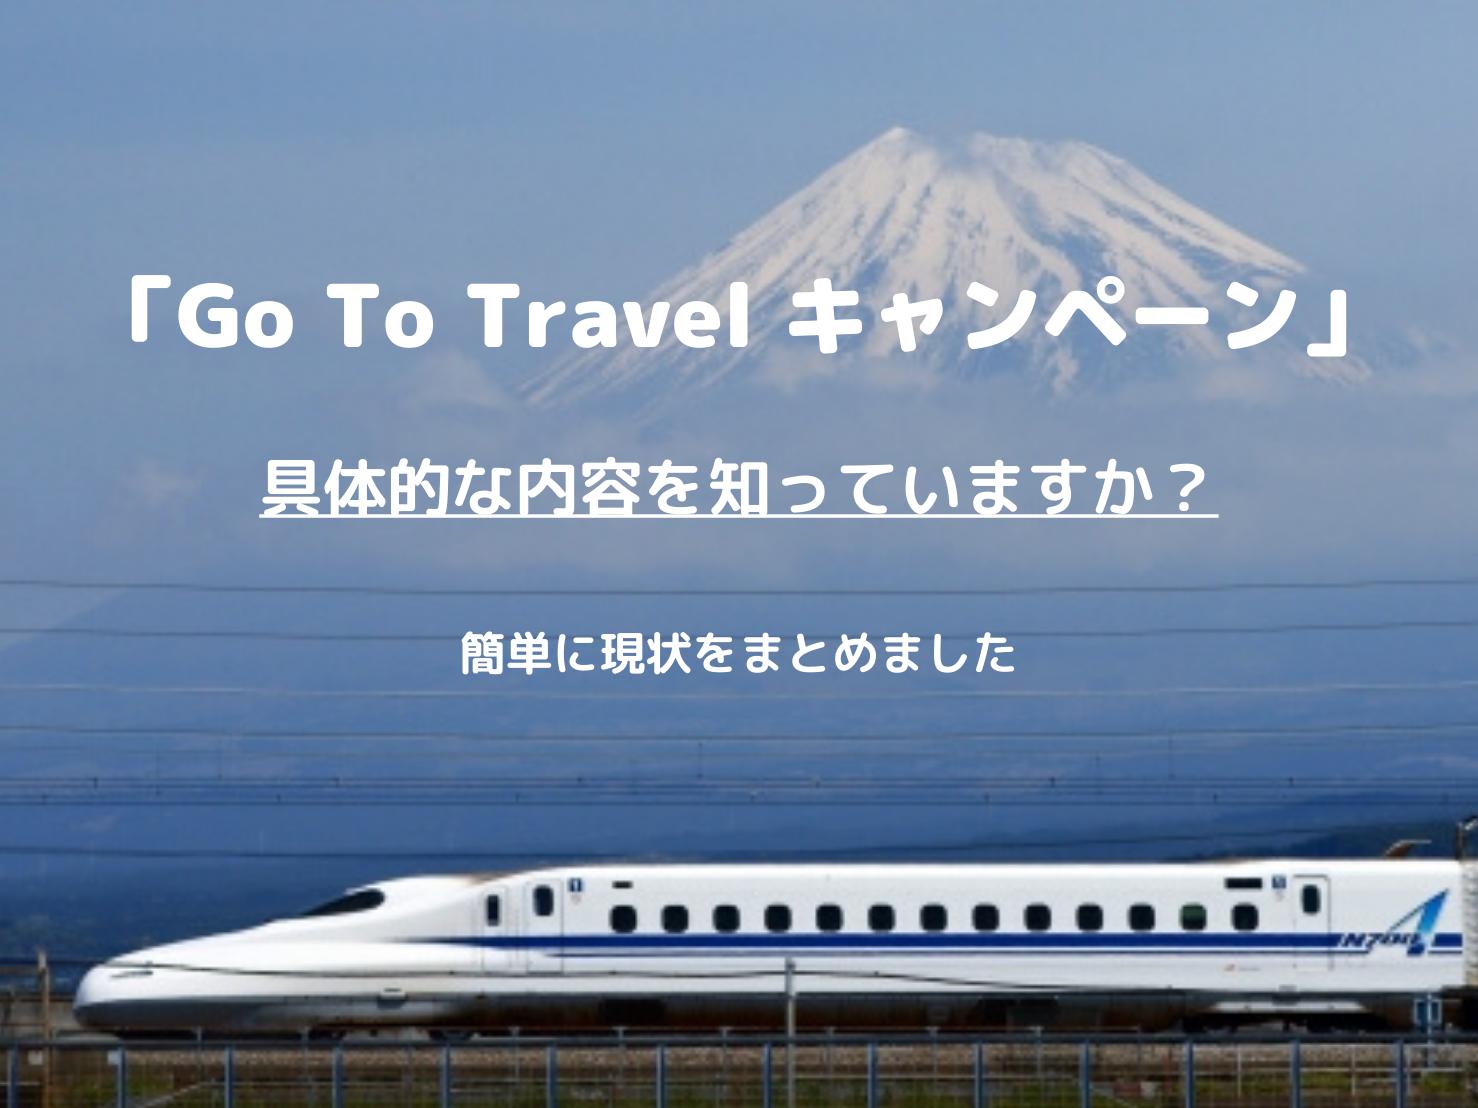 新型コロナウイルス収束後に行う政策「Go To Travel キャンペーン」とは?【具体的な内容】